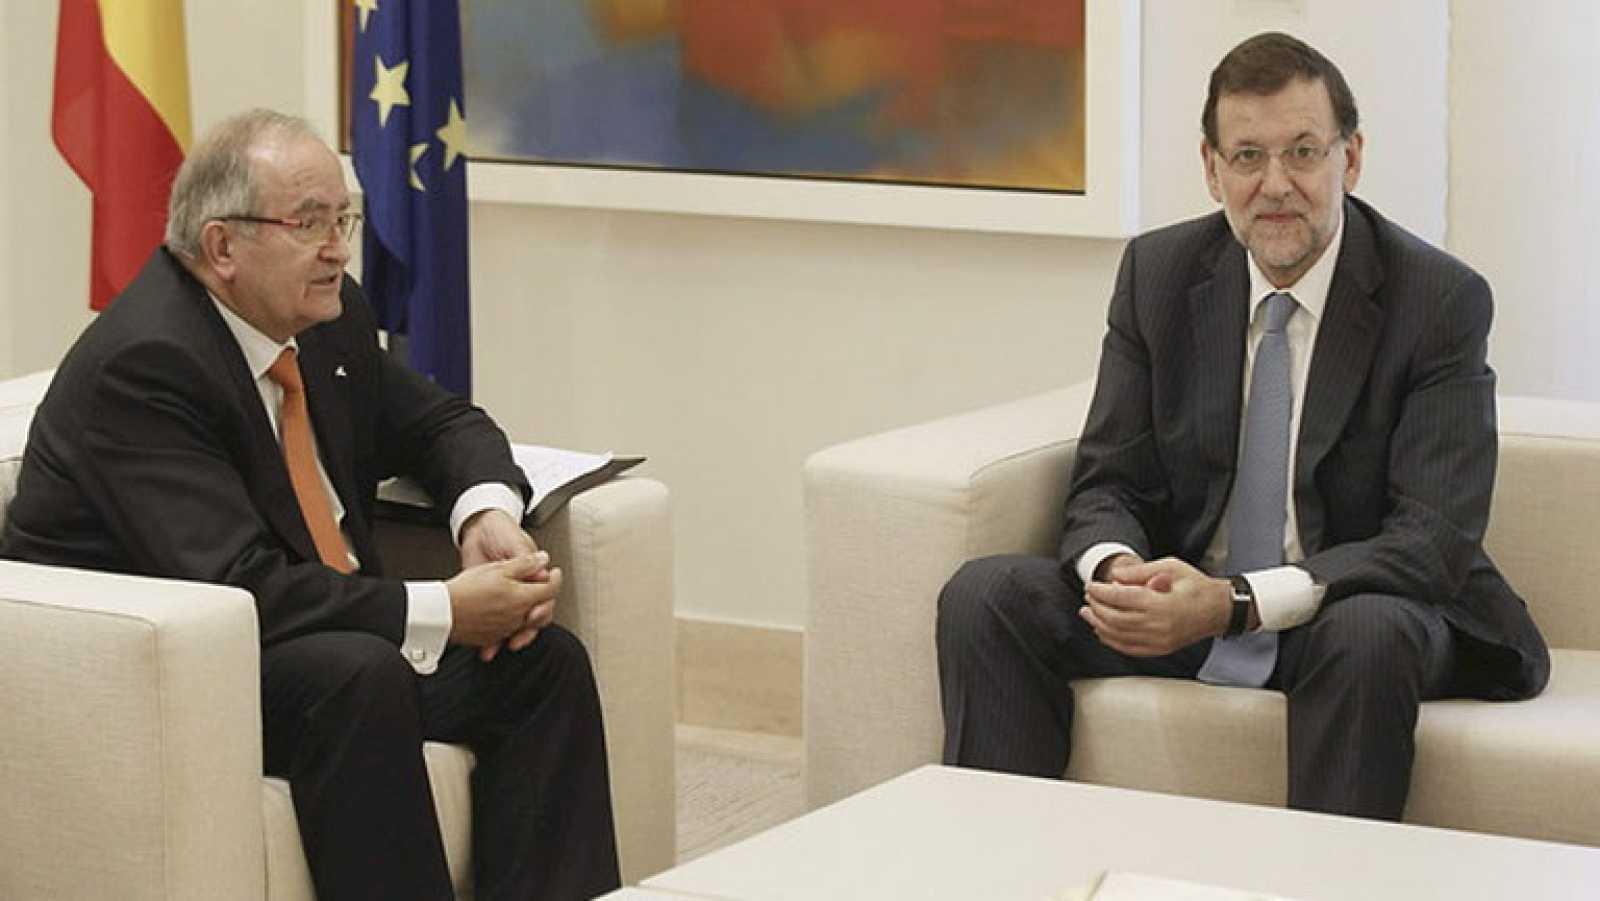 La reunión entre Mariano Rajoy y Artur Mas marca el debate político